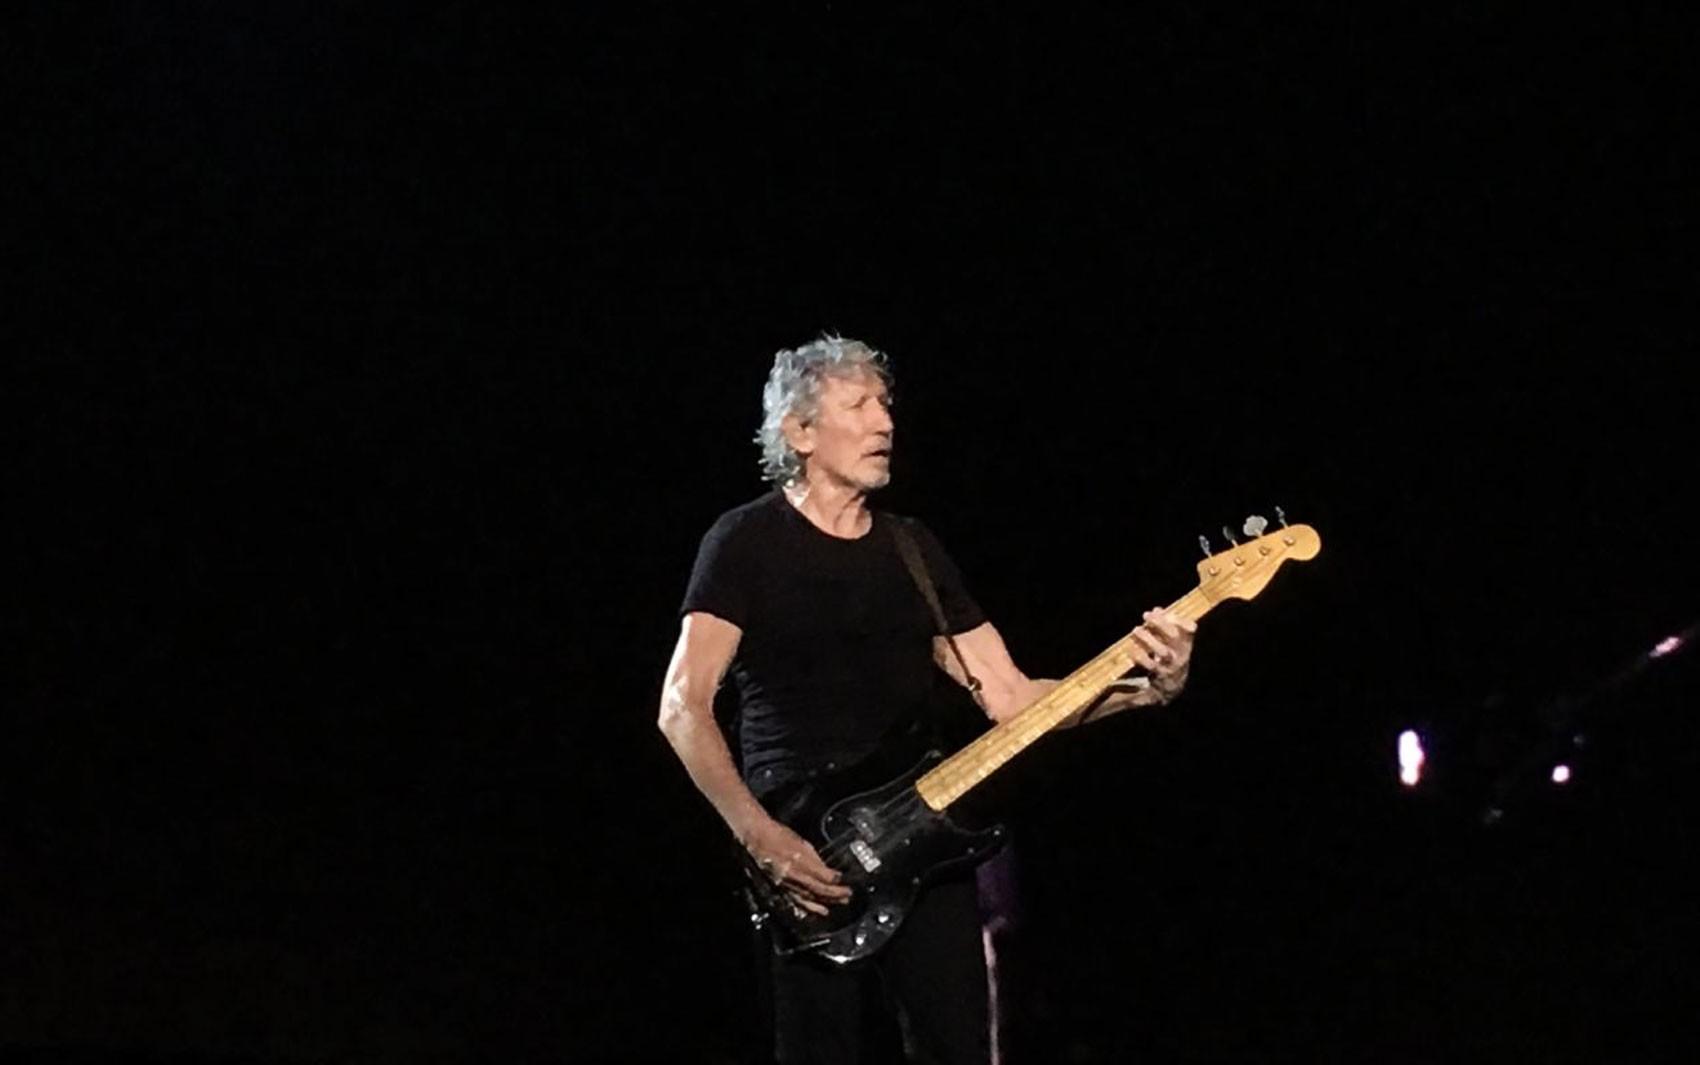 Com homenagem a Moa do Katendê, Roger Waters pede paz e chora no palco durante show na BA para 28 mil pessoas